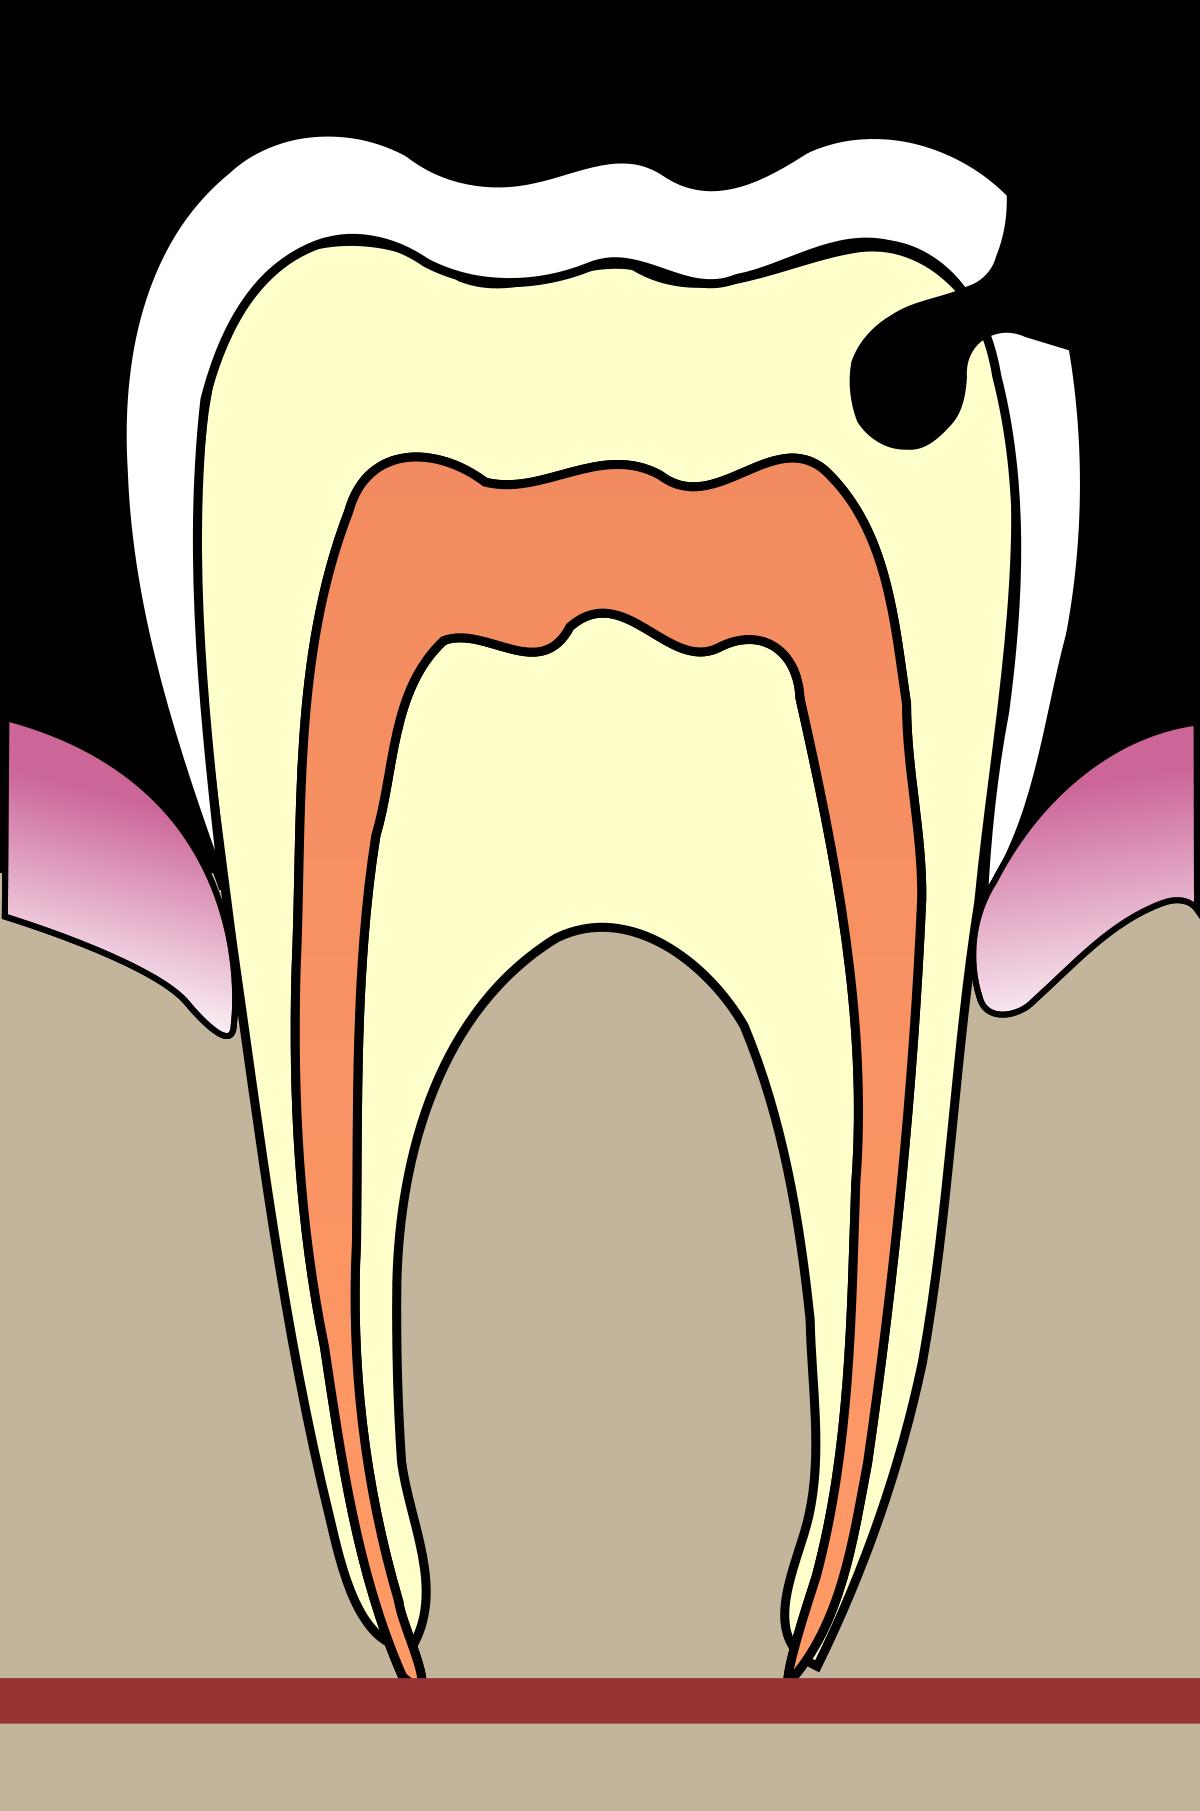 Hammass rky wikipedia . Clipart ear hygiene